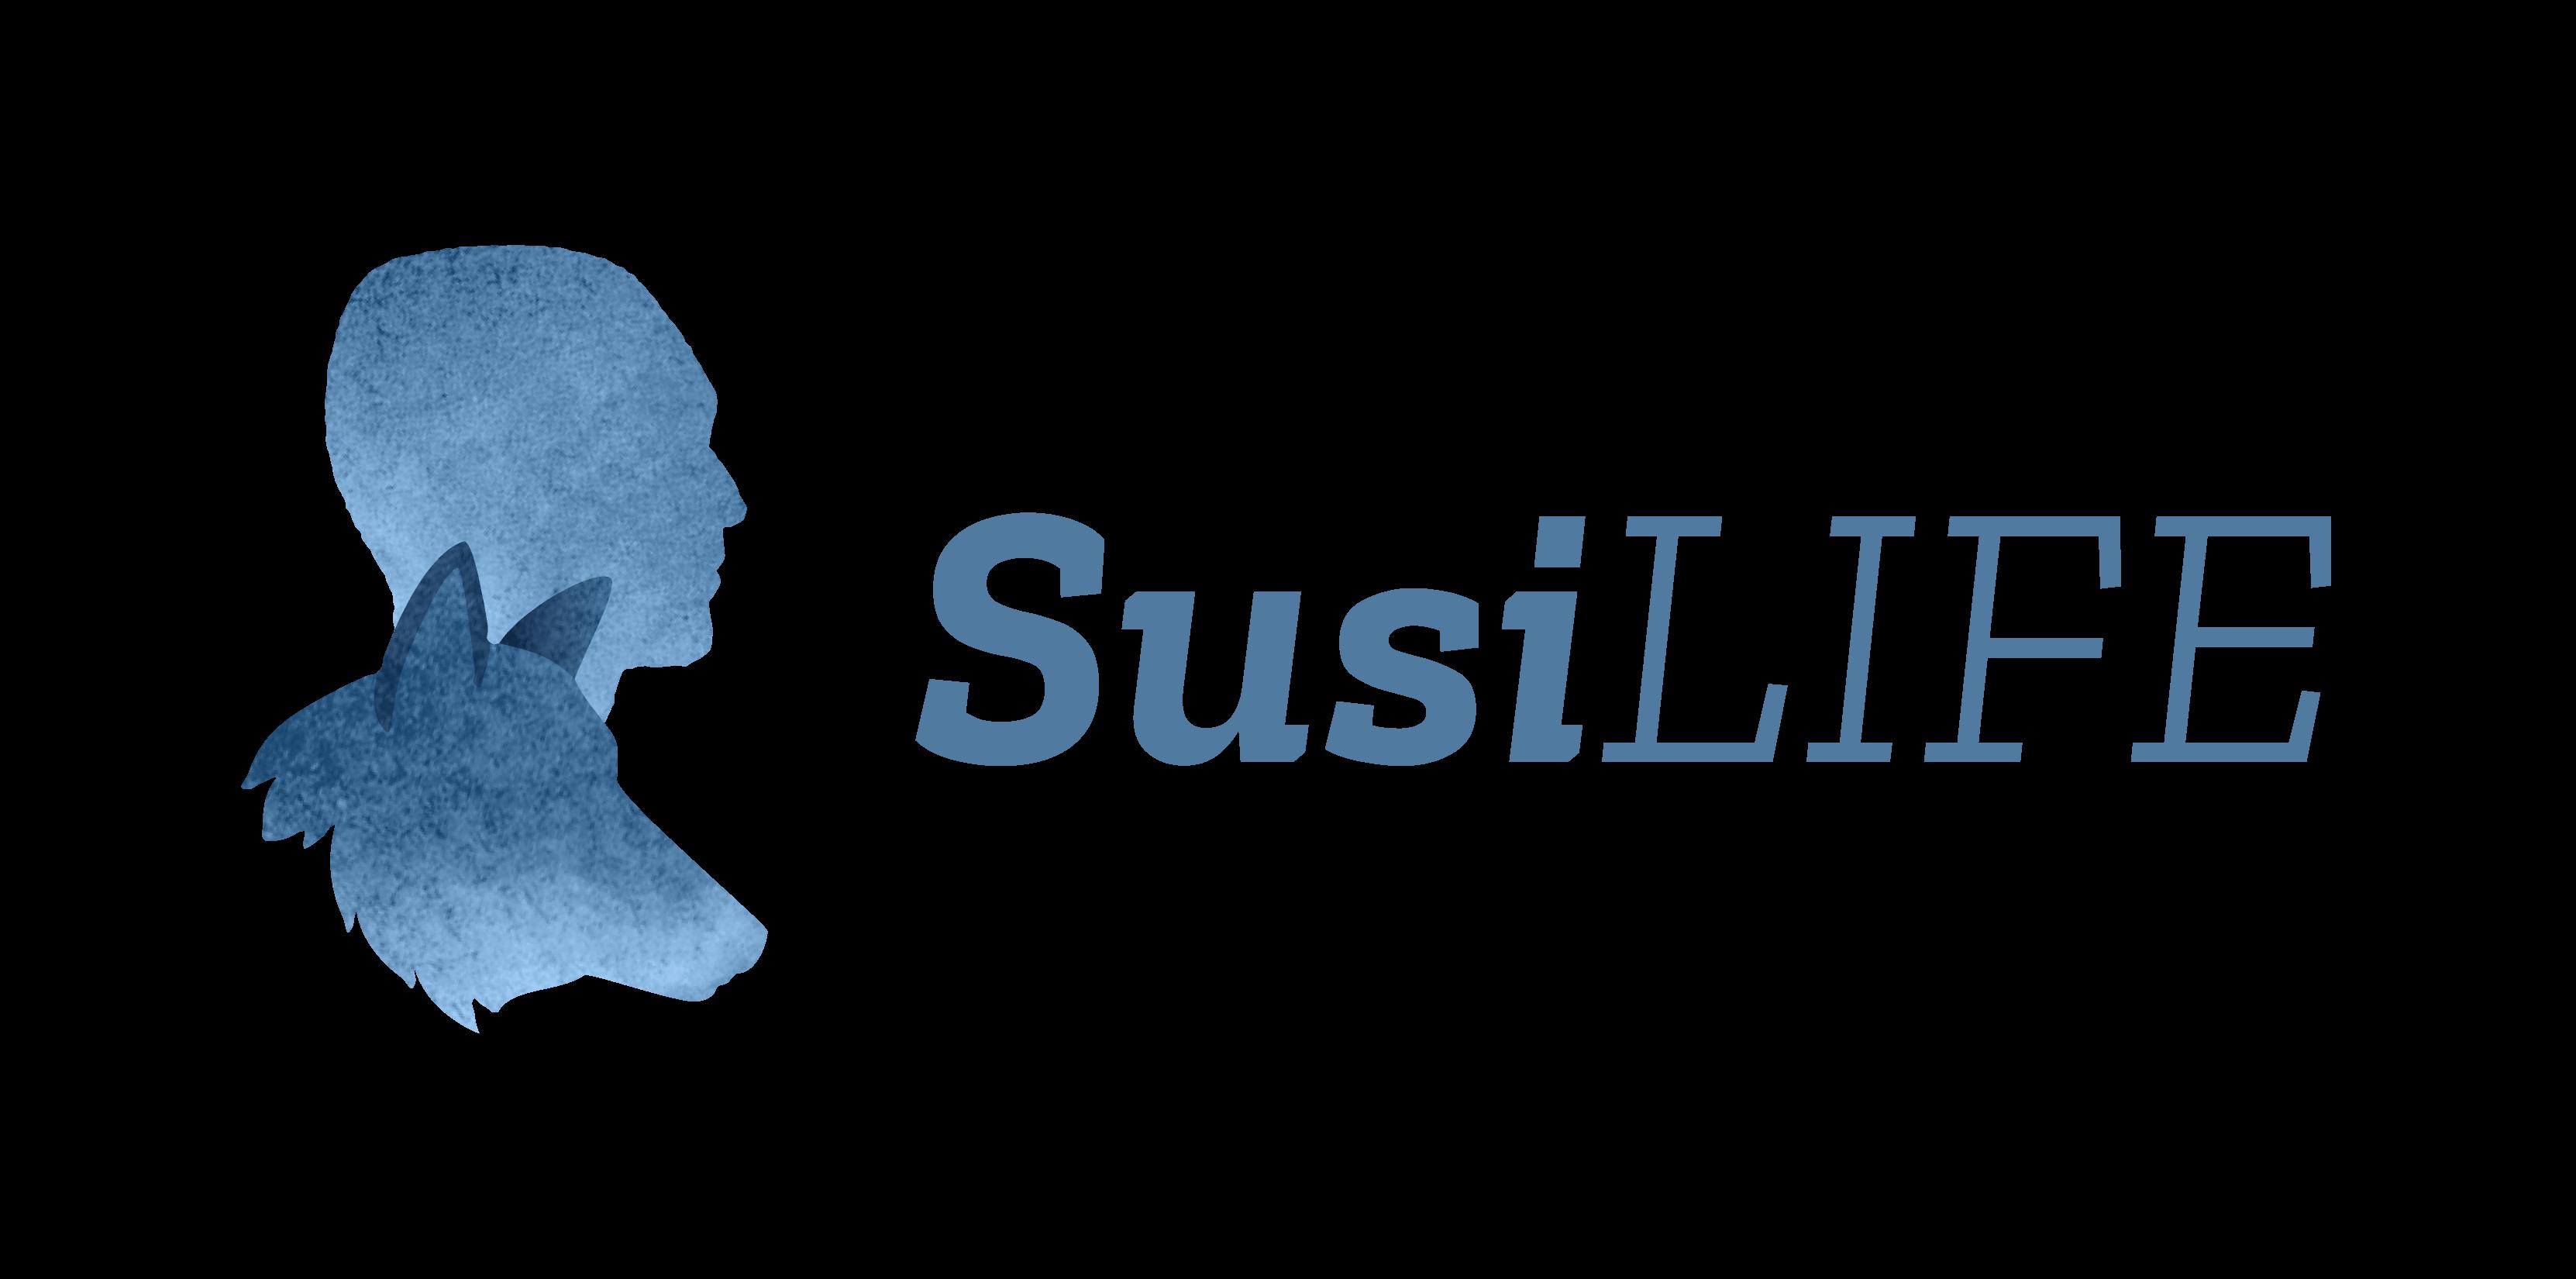 SusiLIFE